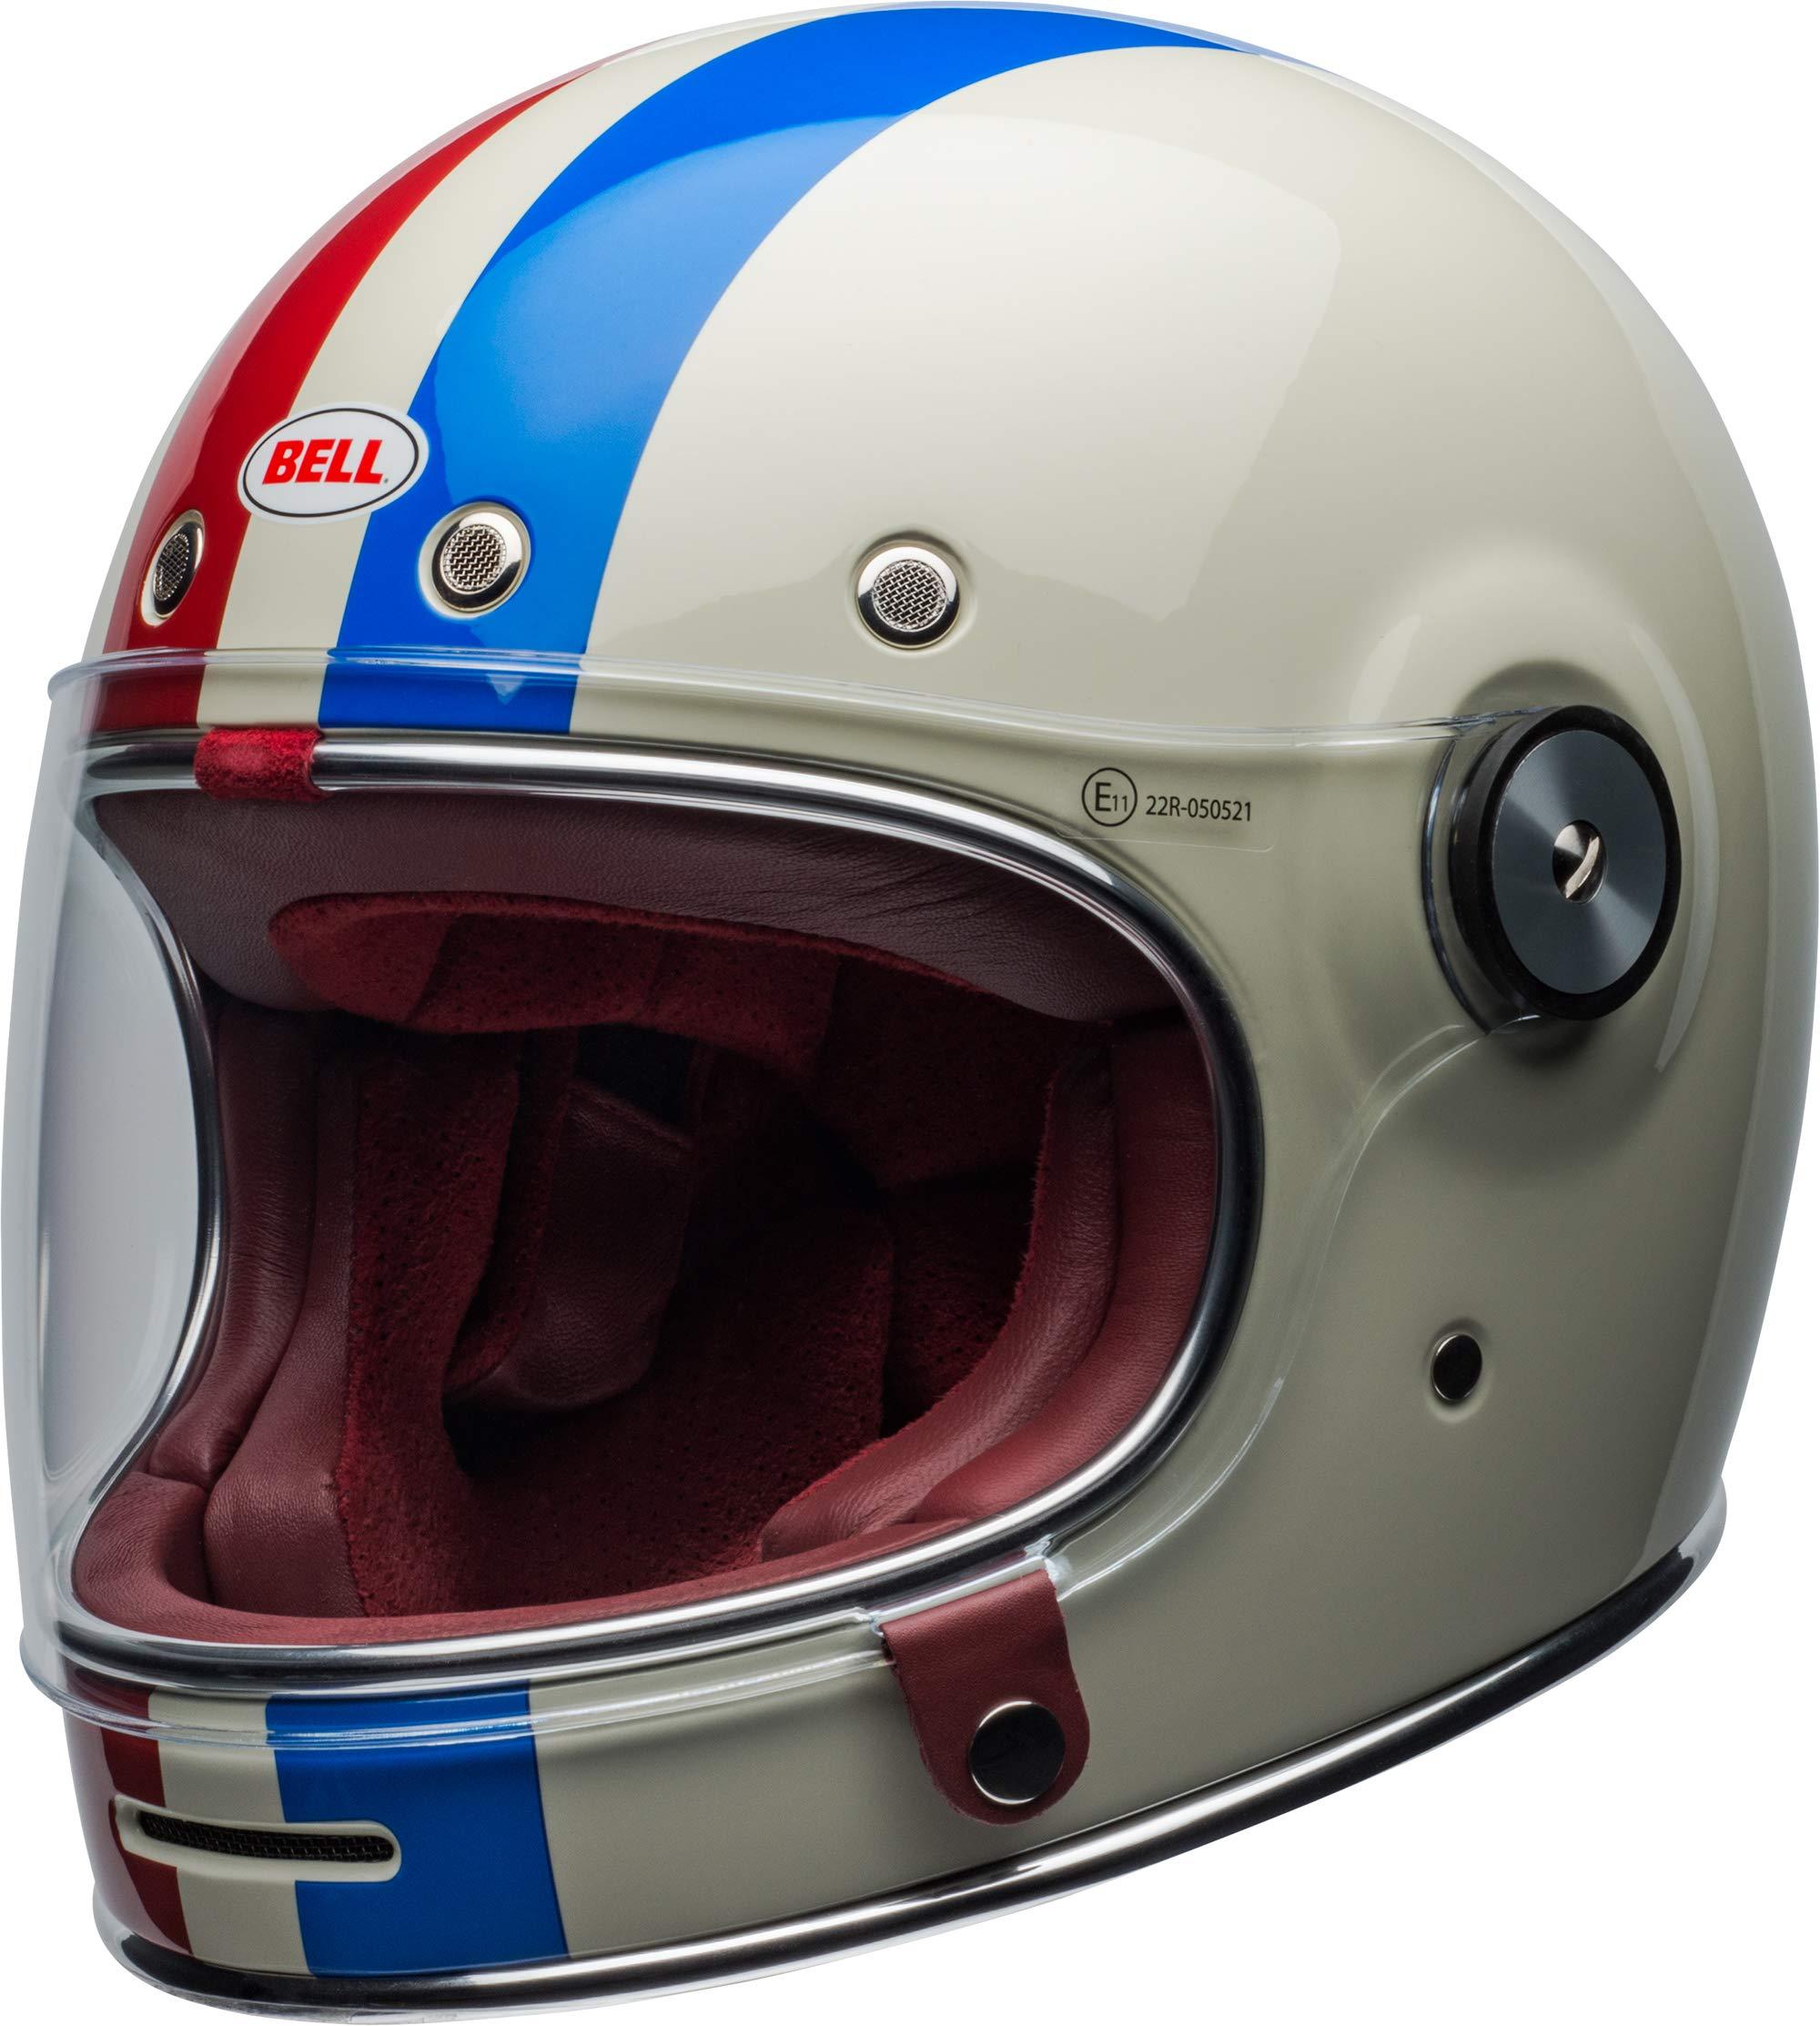 Bell Bullitt Helmet - Command (X-SMALL) (GLOSS VINTAGE WHITE/RED/BLUE) by Bell (Image #7)